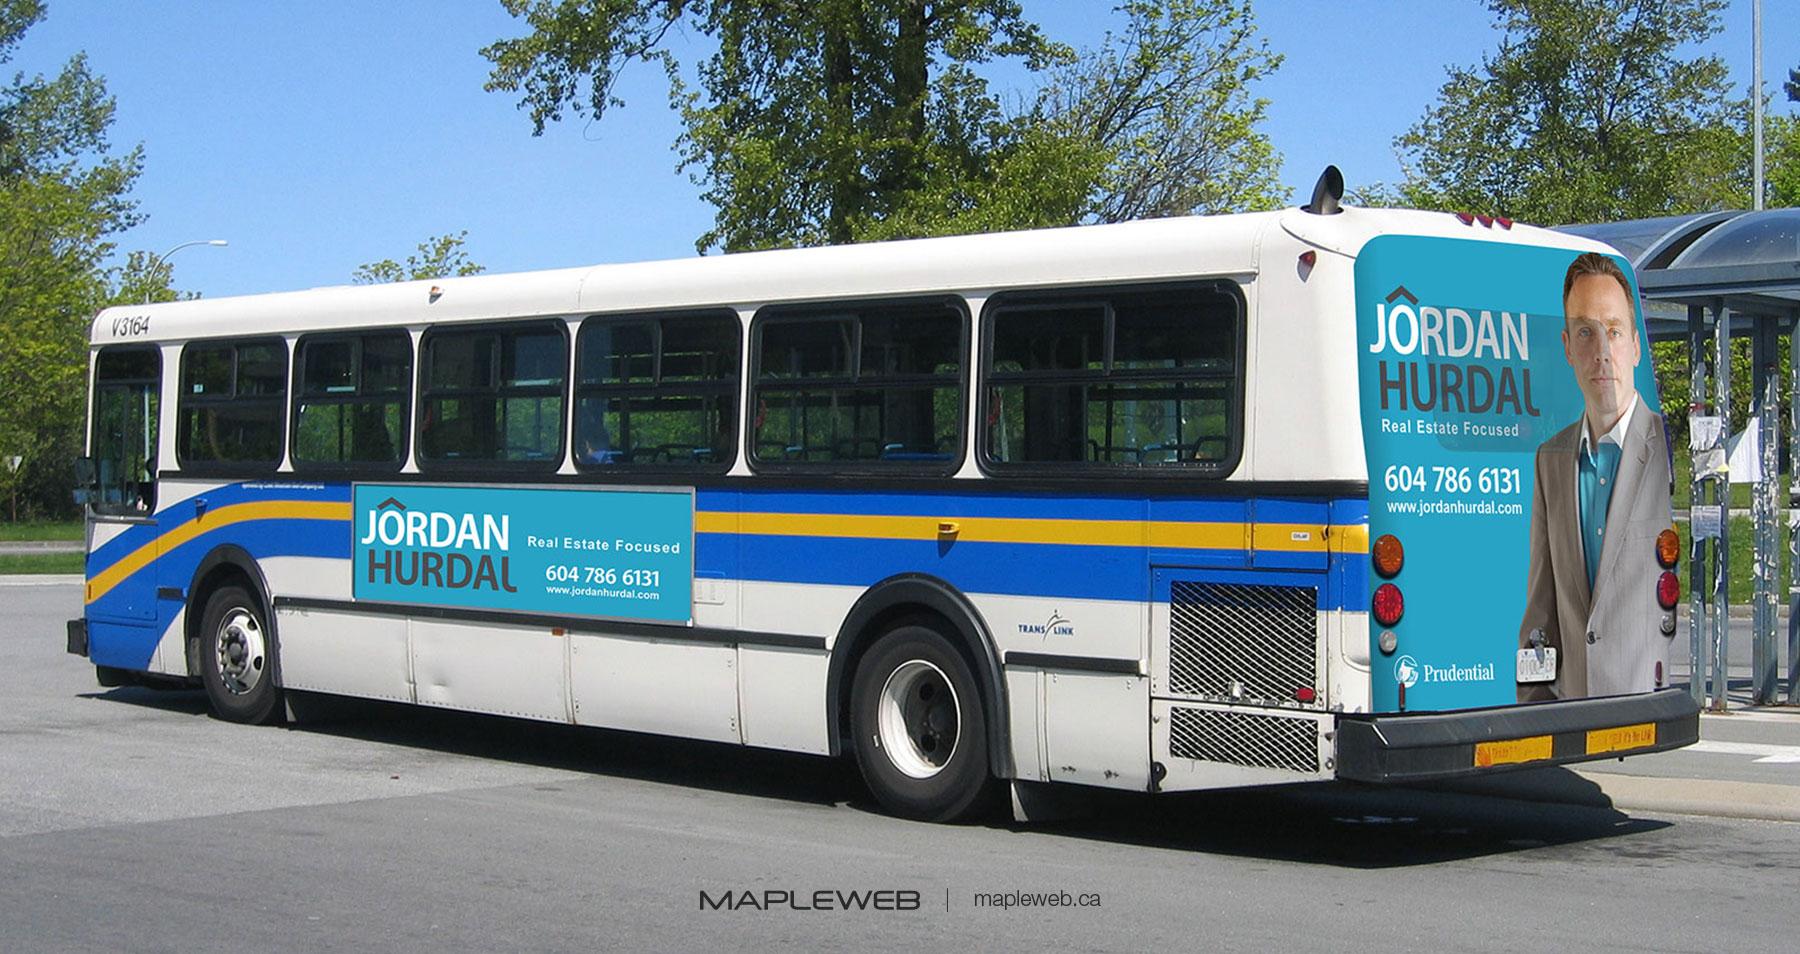 Jordan-Hurdal